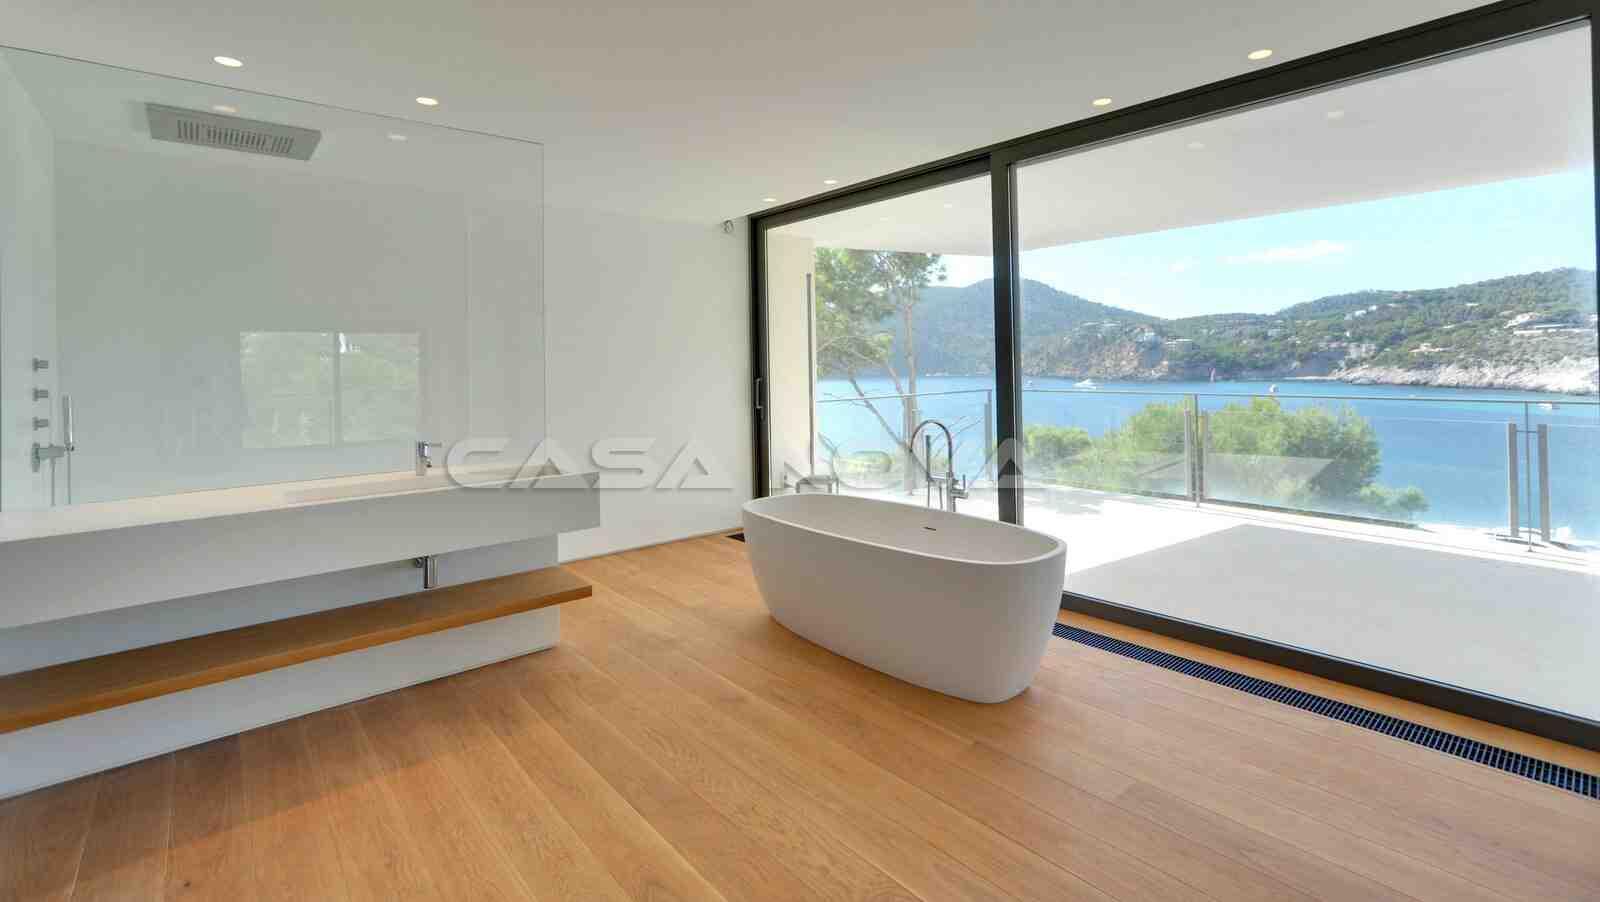 Helles Badezimmer mit Traumbadewanne und Blick